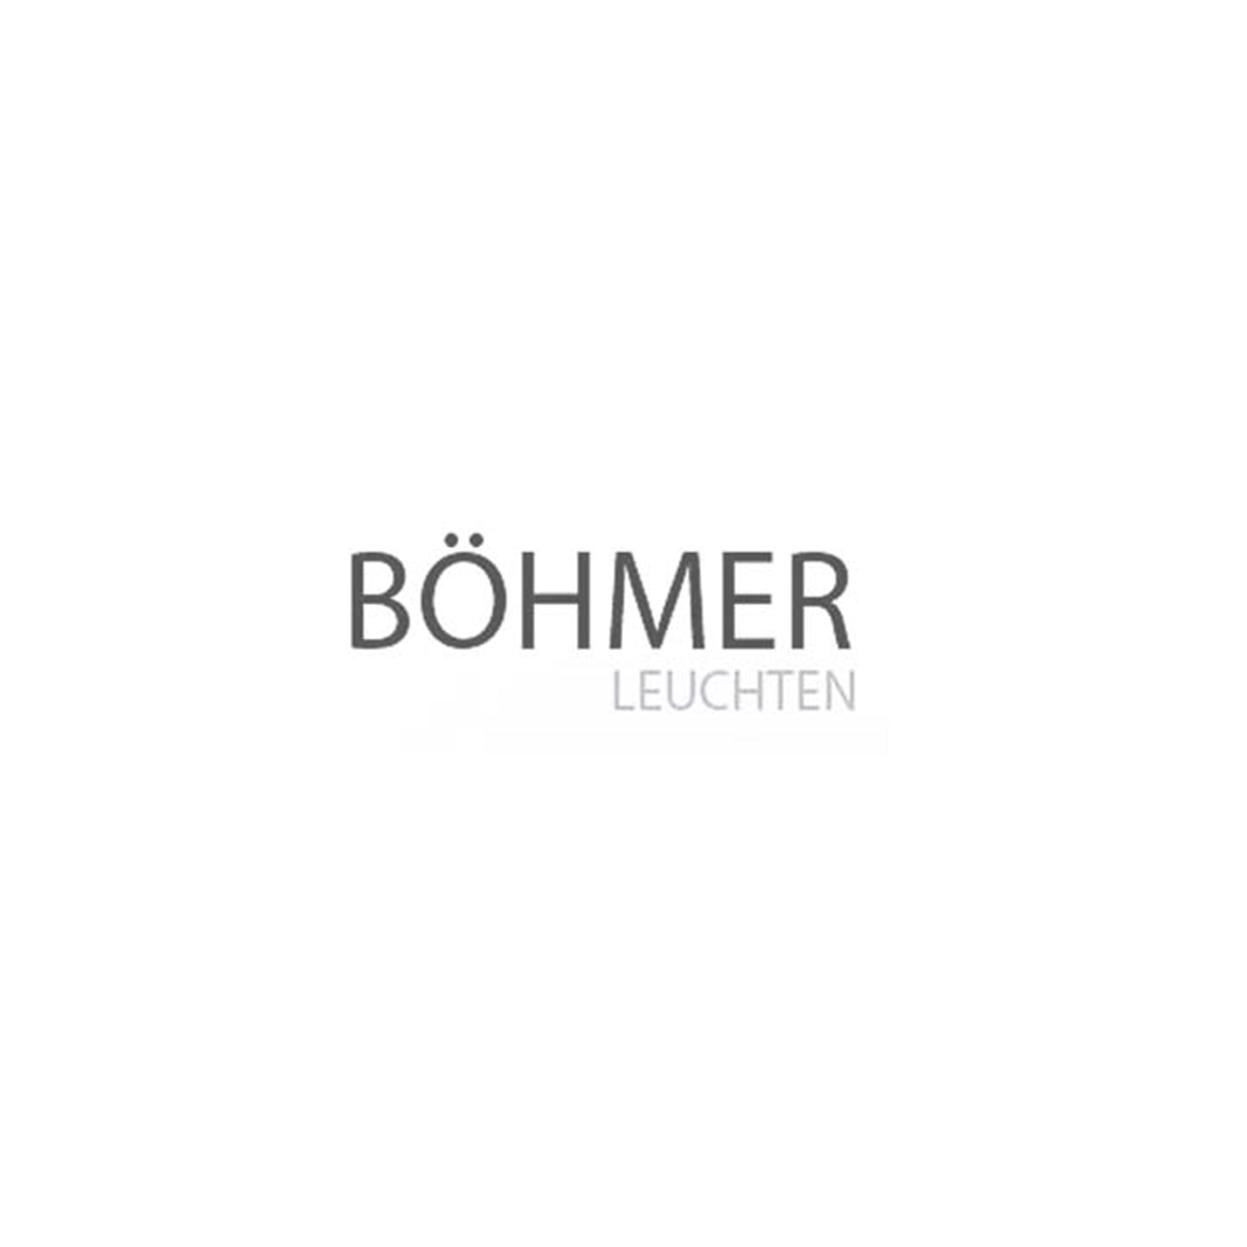 Böhmer - Objekte Licht & Raum GmbH in Hamburg